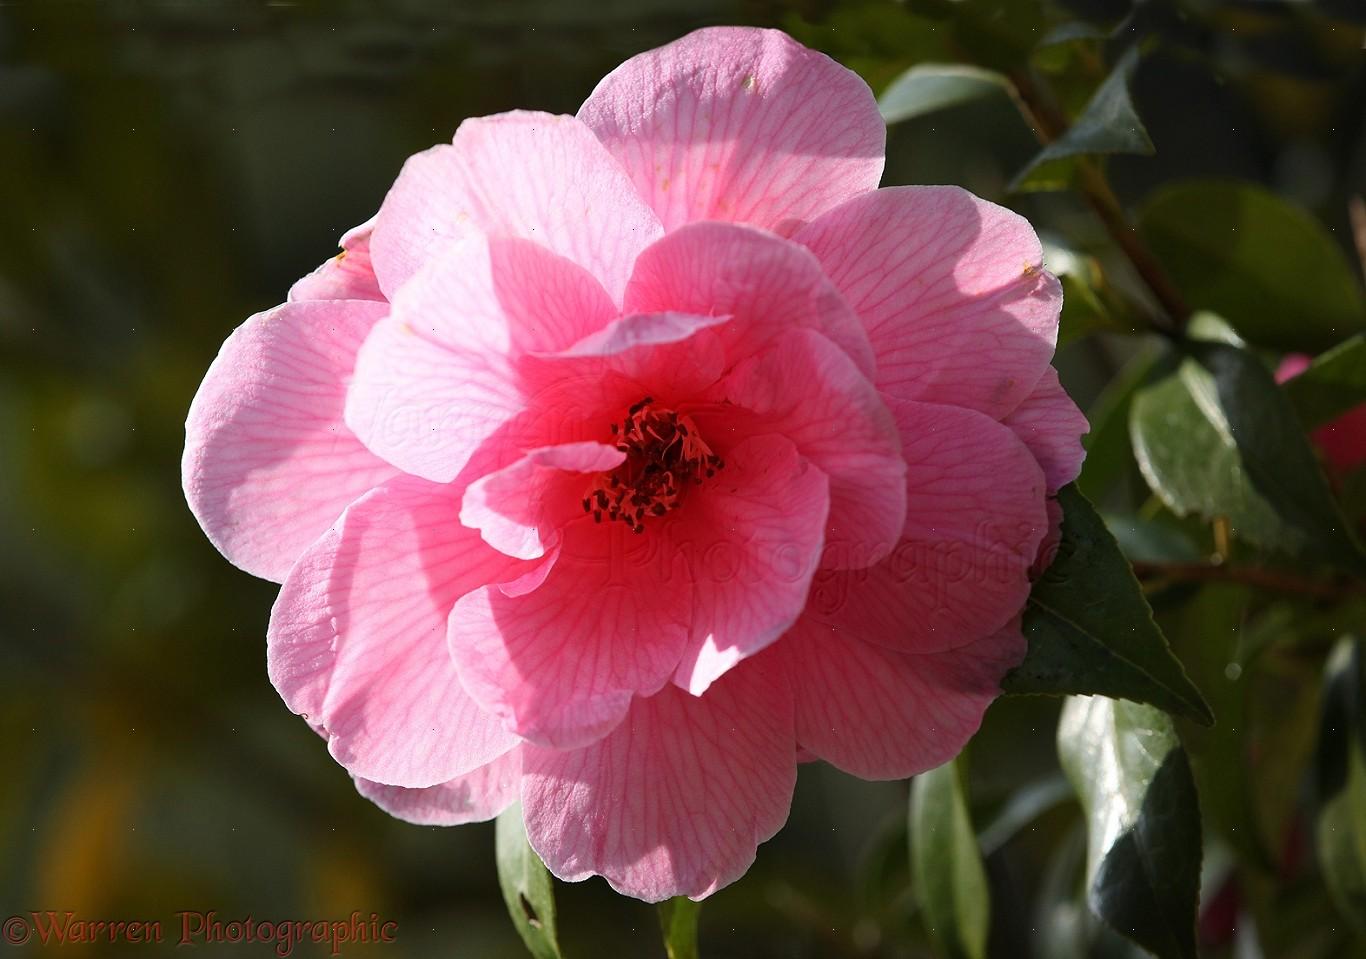 Camellia Flower Photo Wp23708